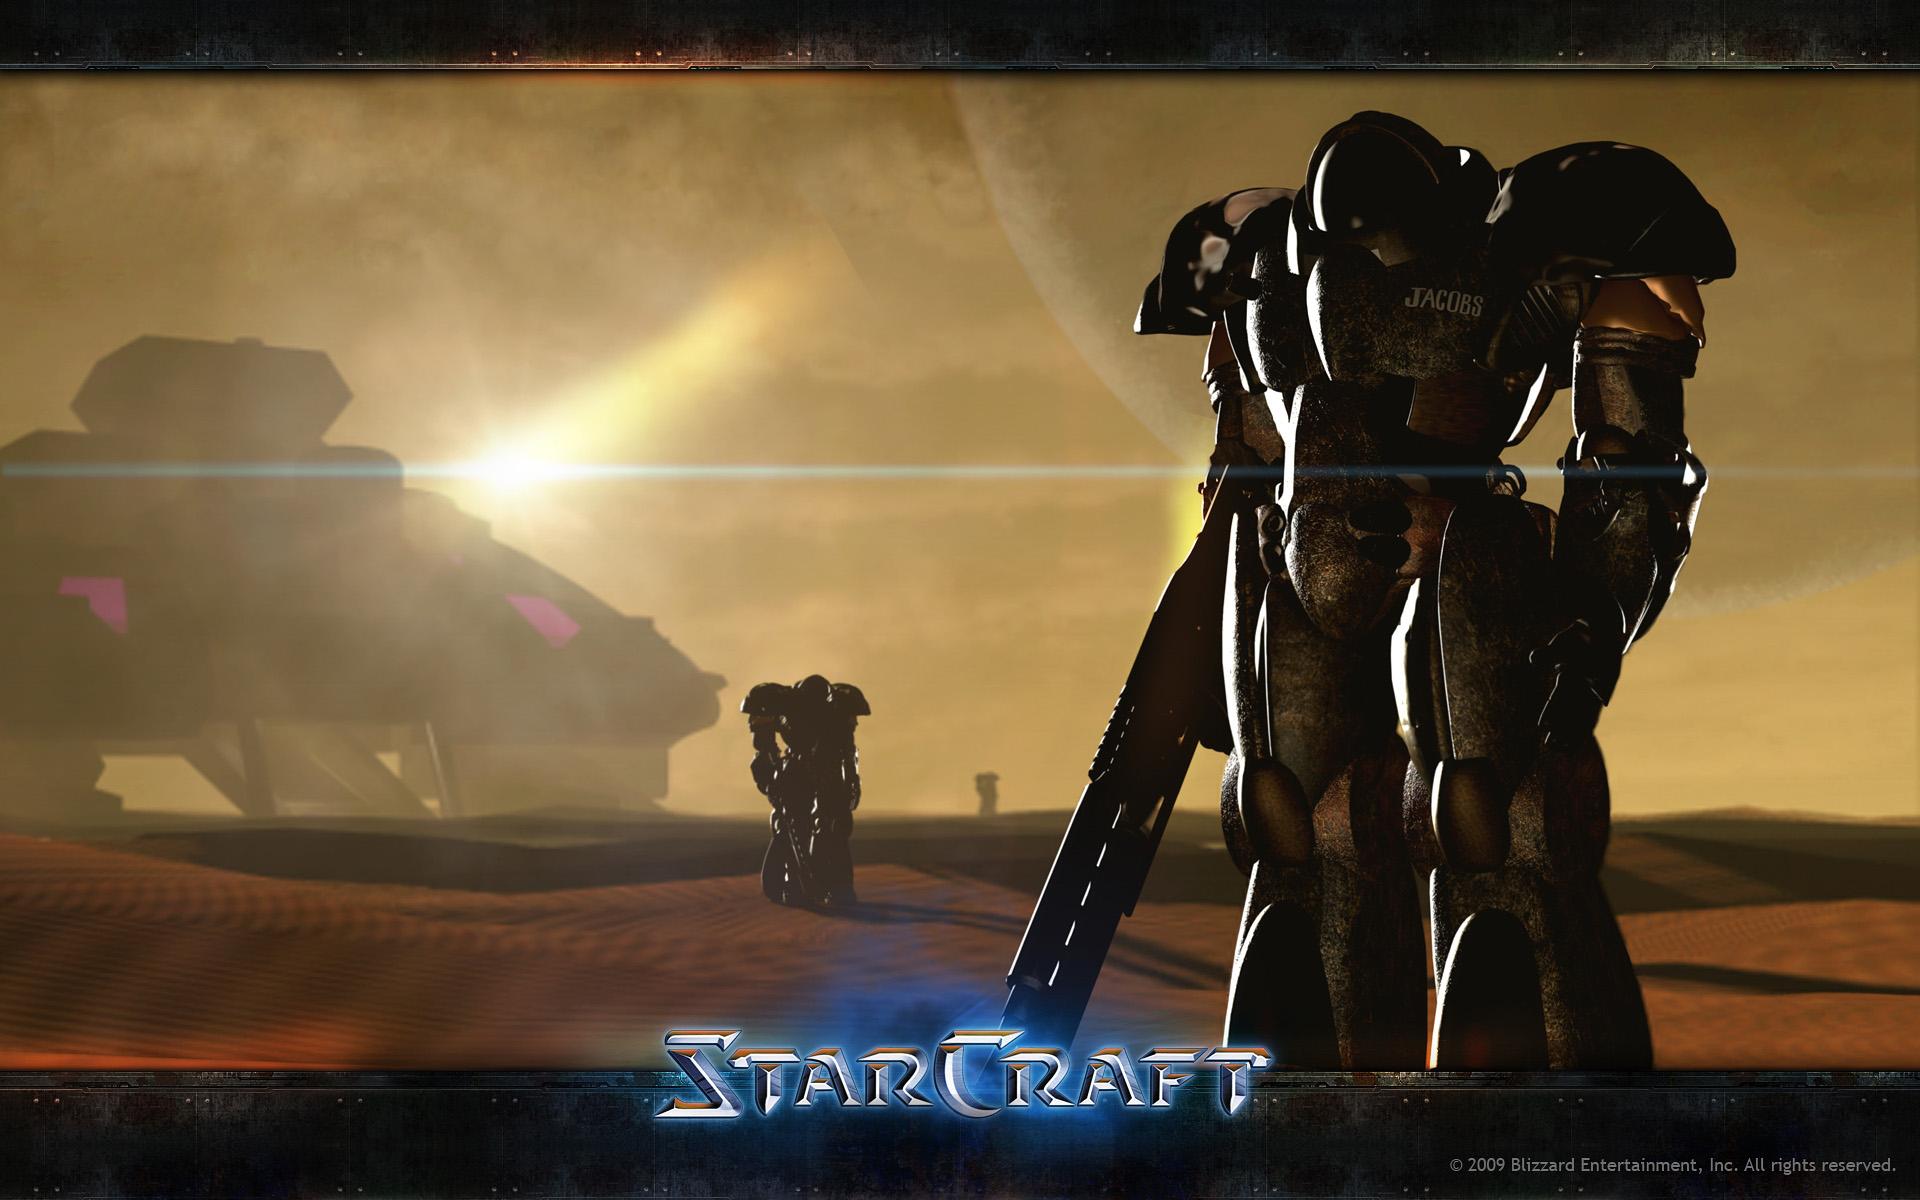 Starcraft 1: начало игрового сюжета